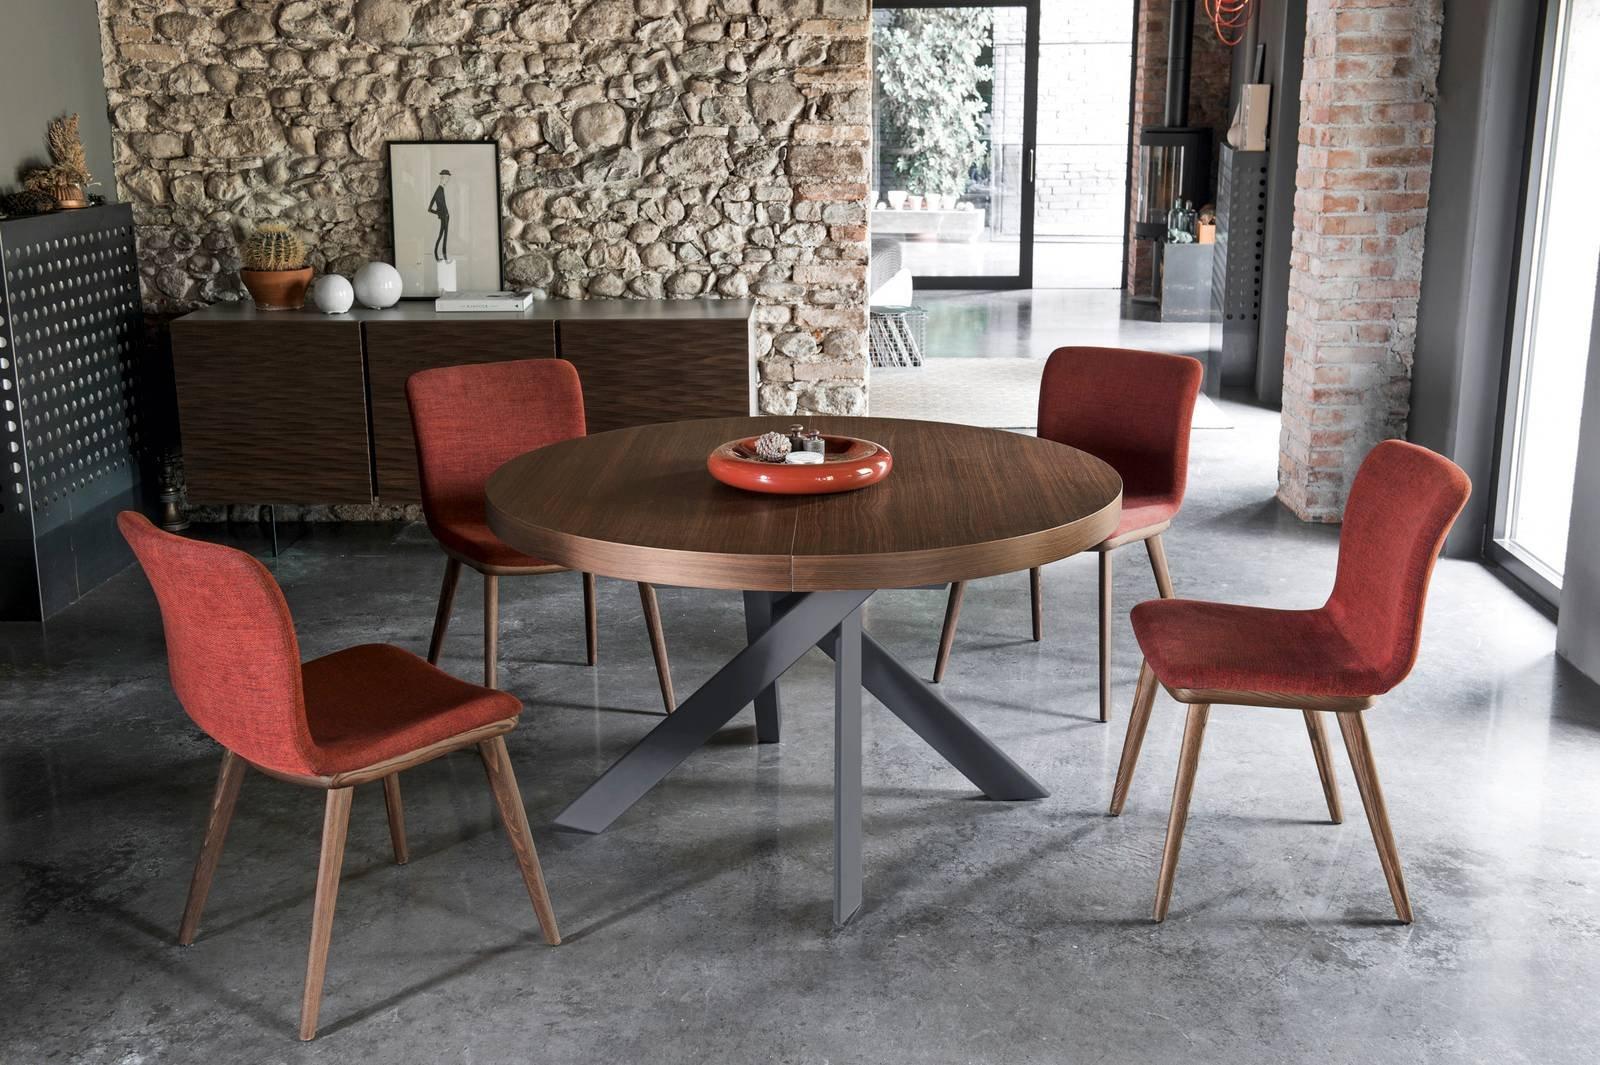 Tavolo rotondo allungabile contemporaneo classico in for Calligaris tavolo rotondo